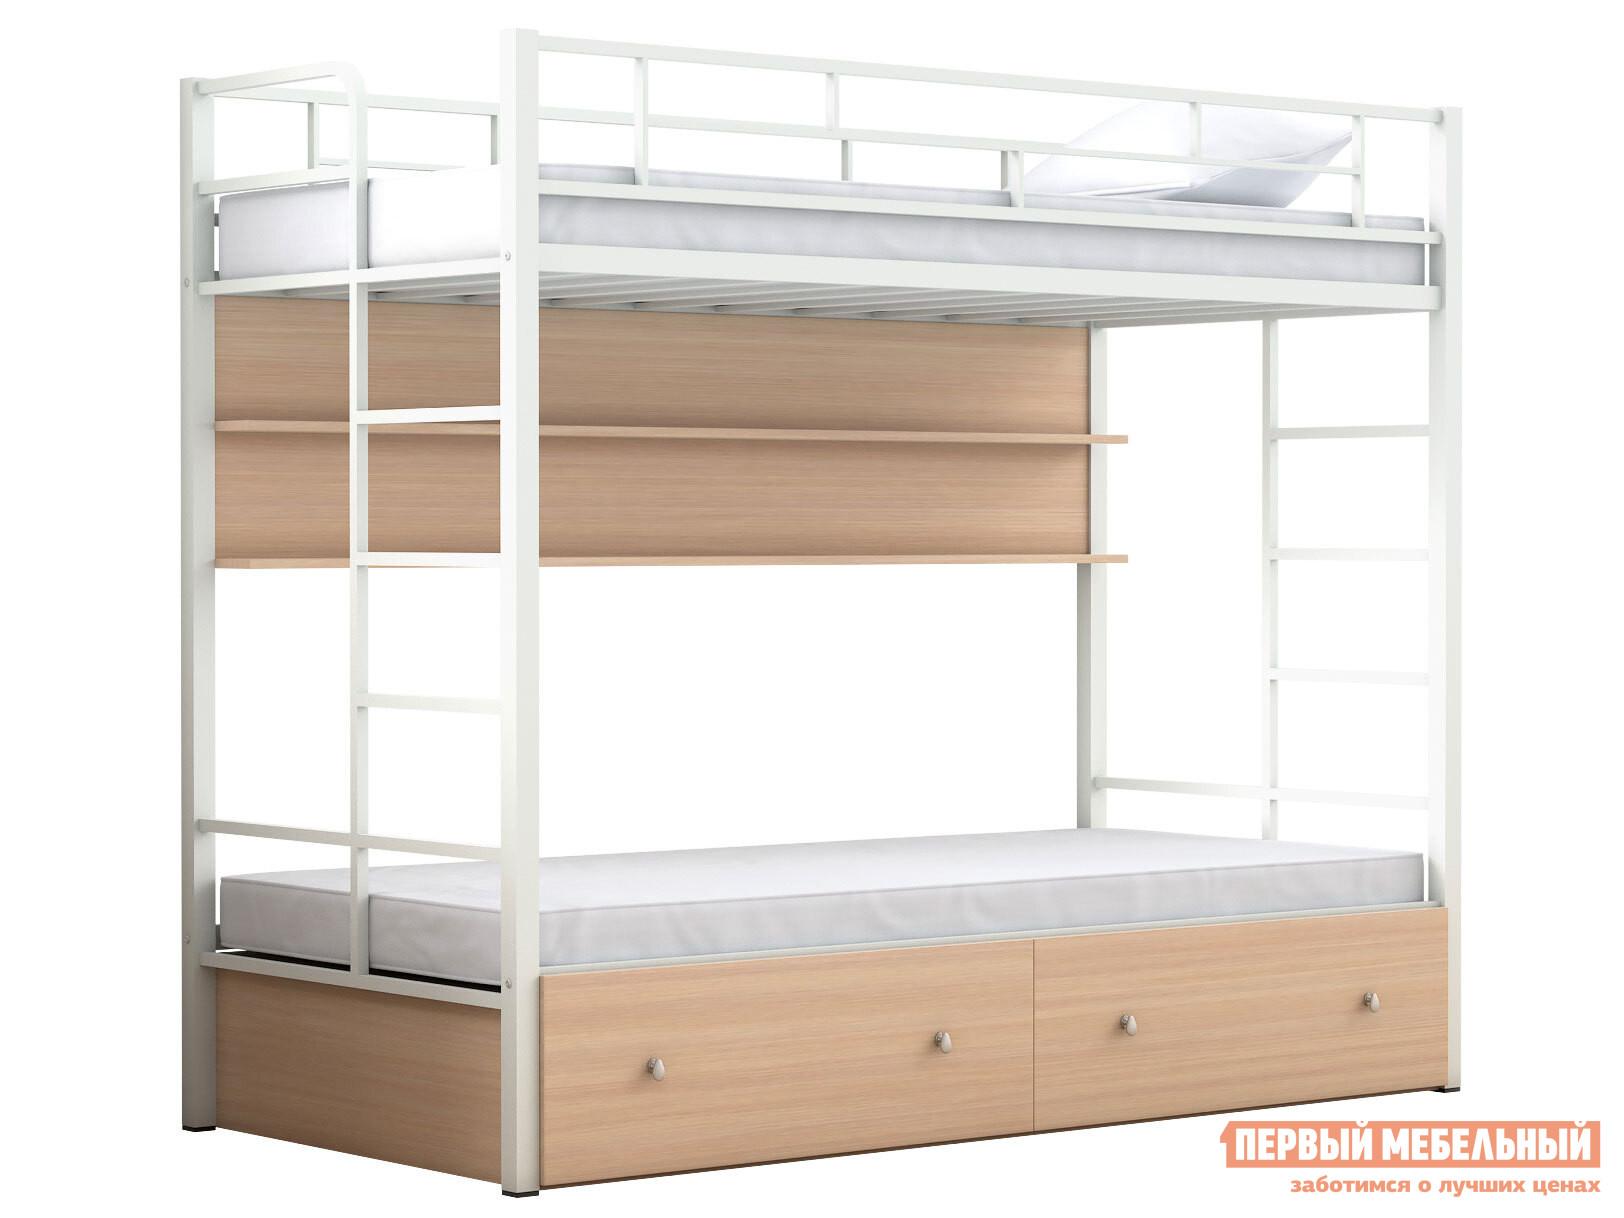 Двухъярусная кровать МФ 4 Сезона Двухъярусная детская кровать Валенсия Твист с полкой и ящиками